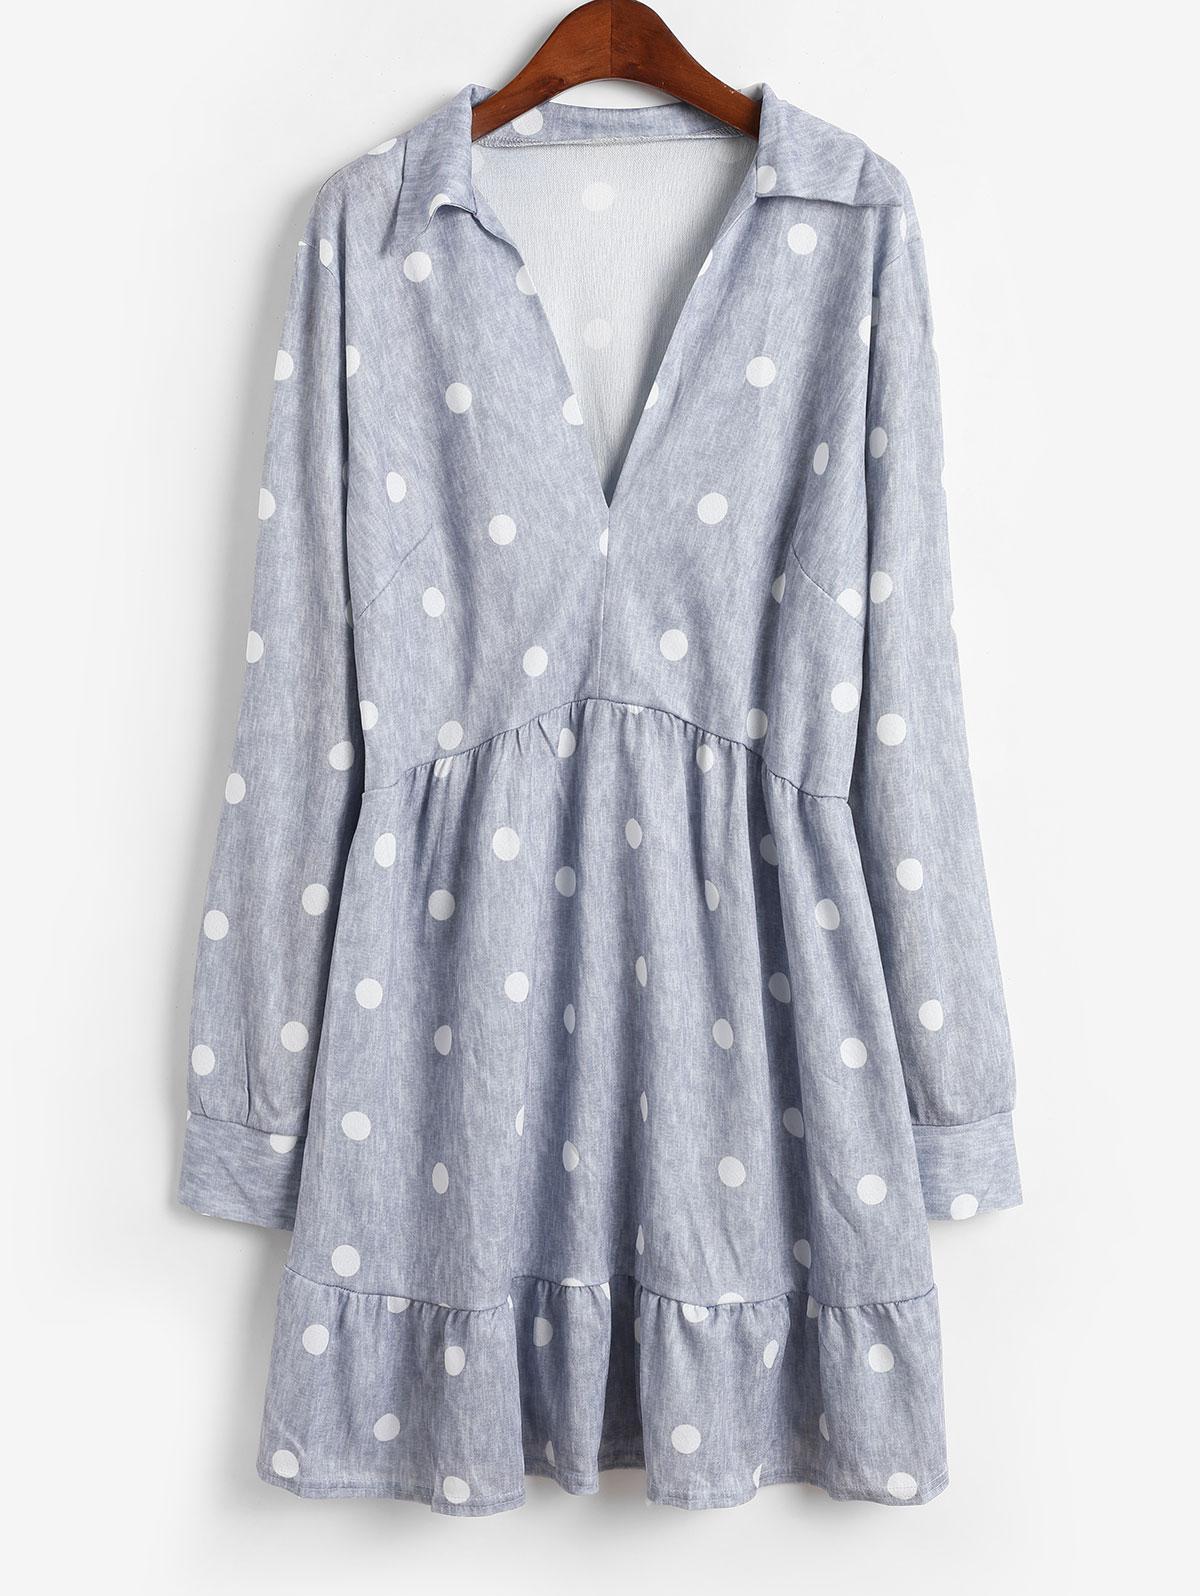 Polka Dot Slit Sleeves Flared Mini Dress, Gray